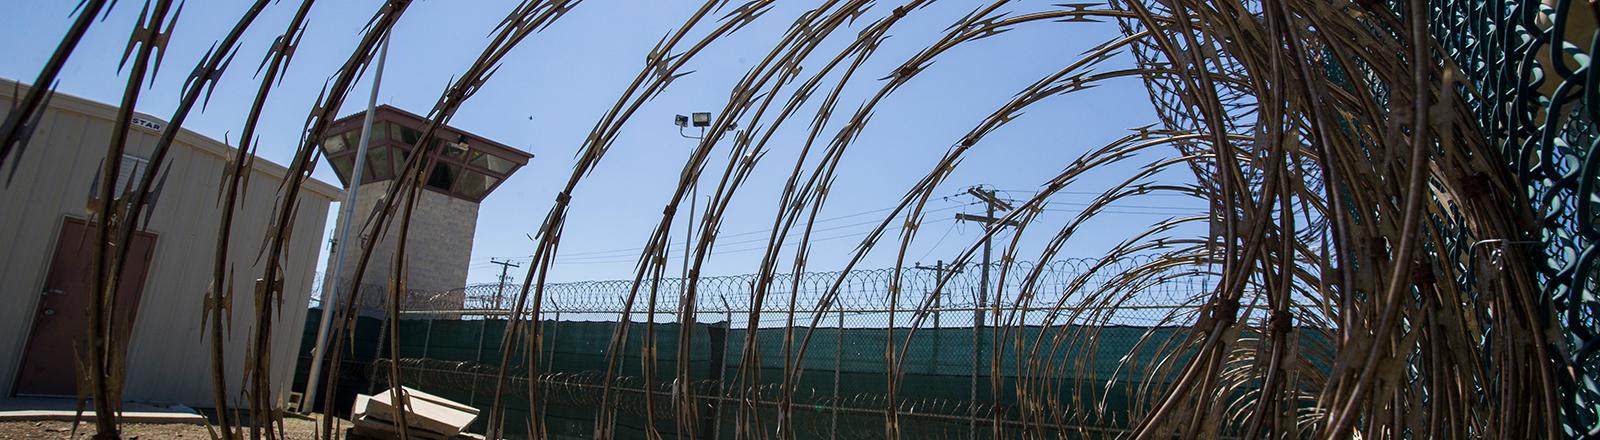 Wachturm und Zaun des US-Gefangenenlagers Guantanamo im April 2019